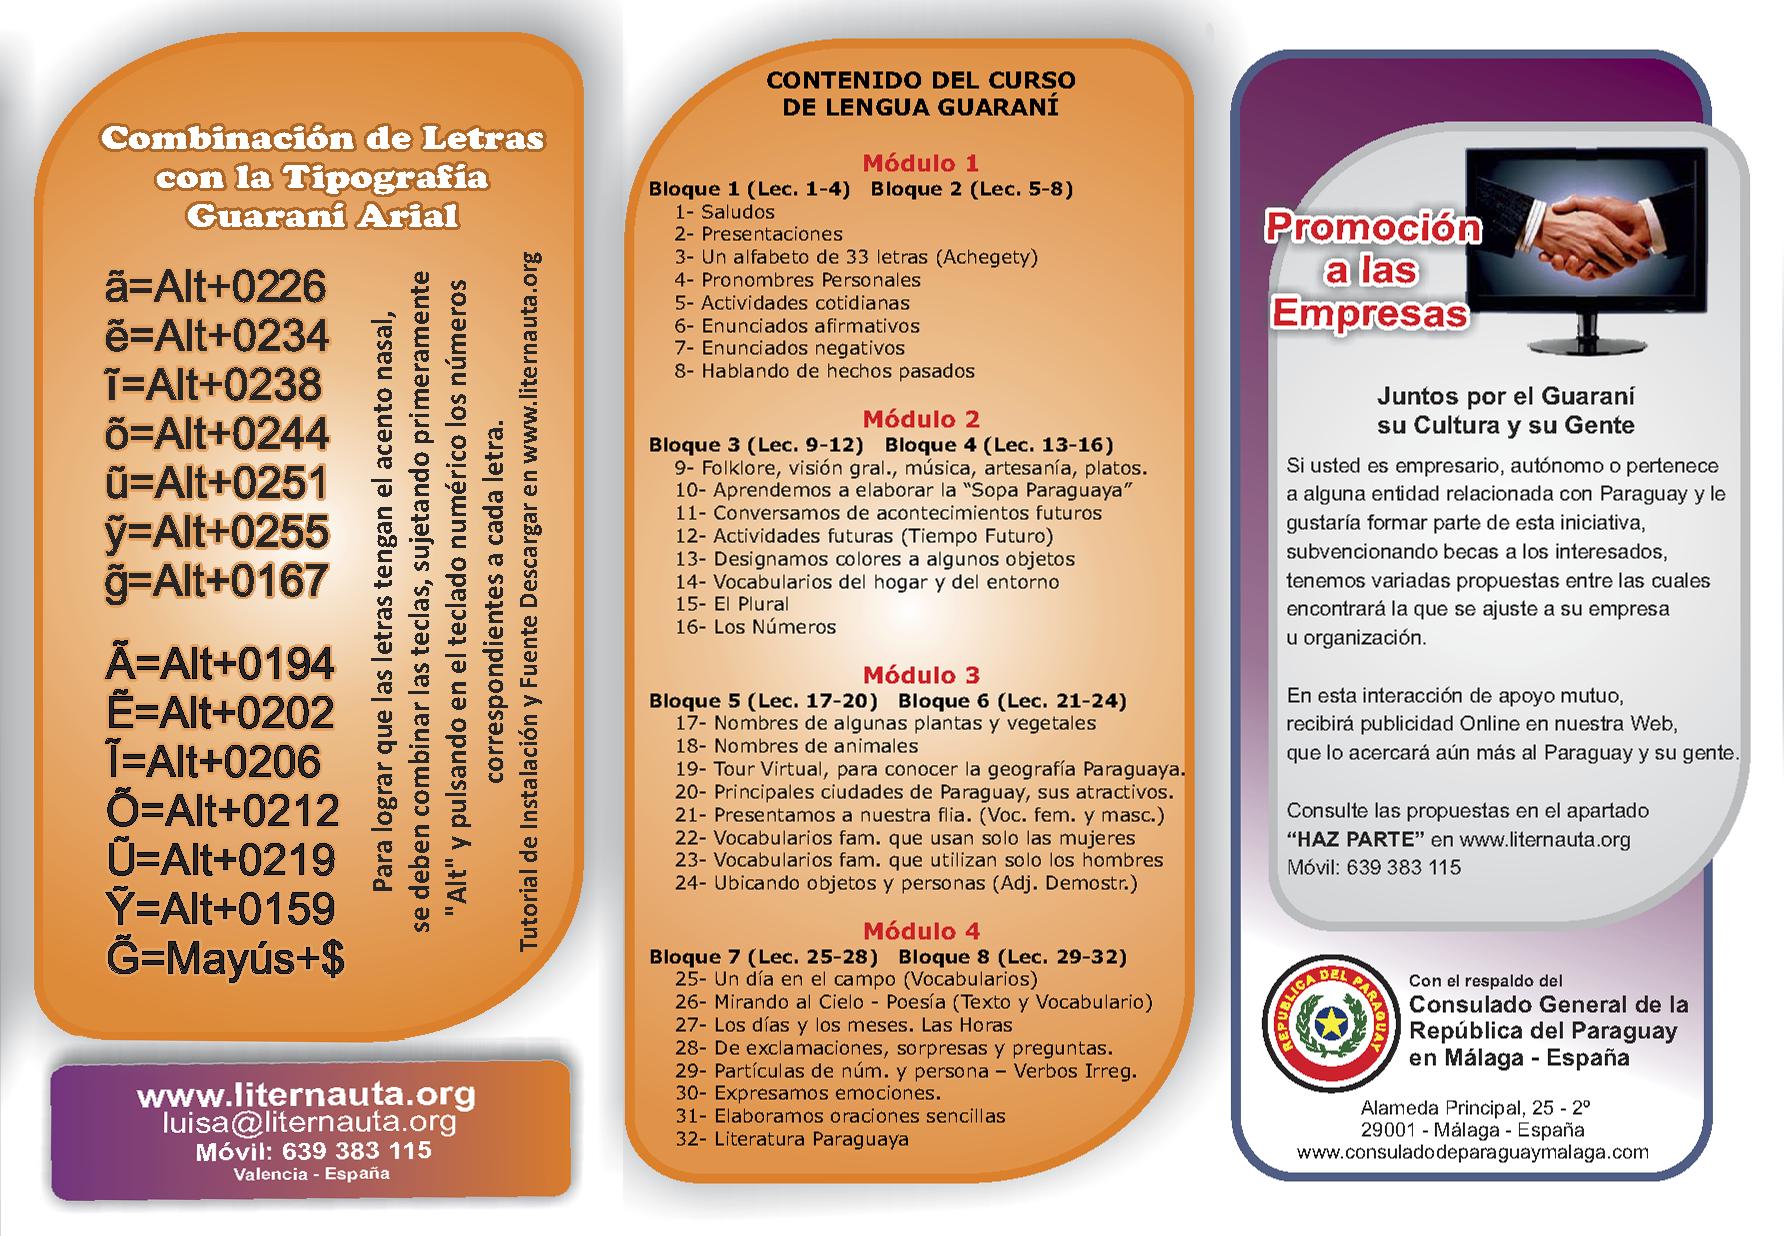 curso_guarani_liternauta2